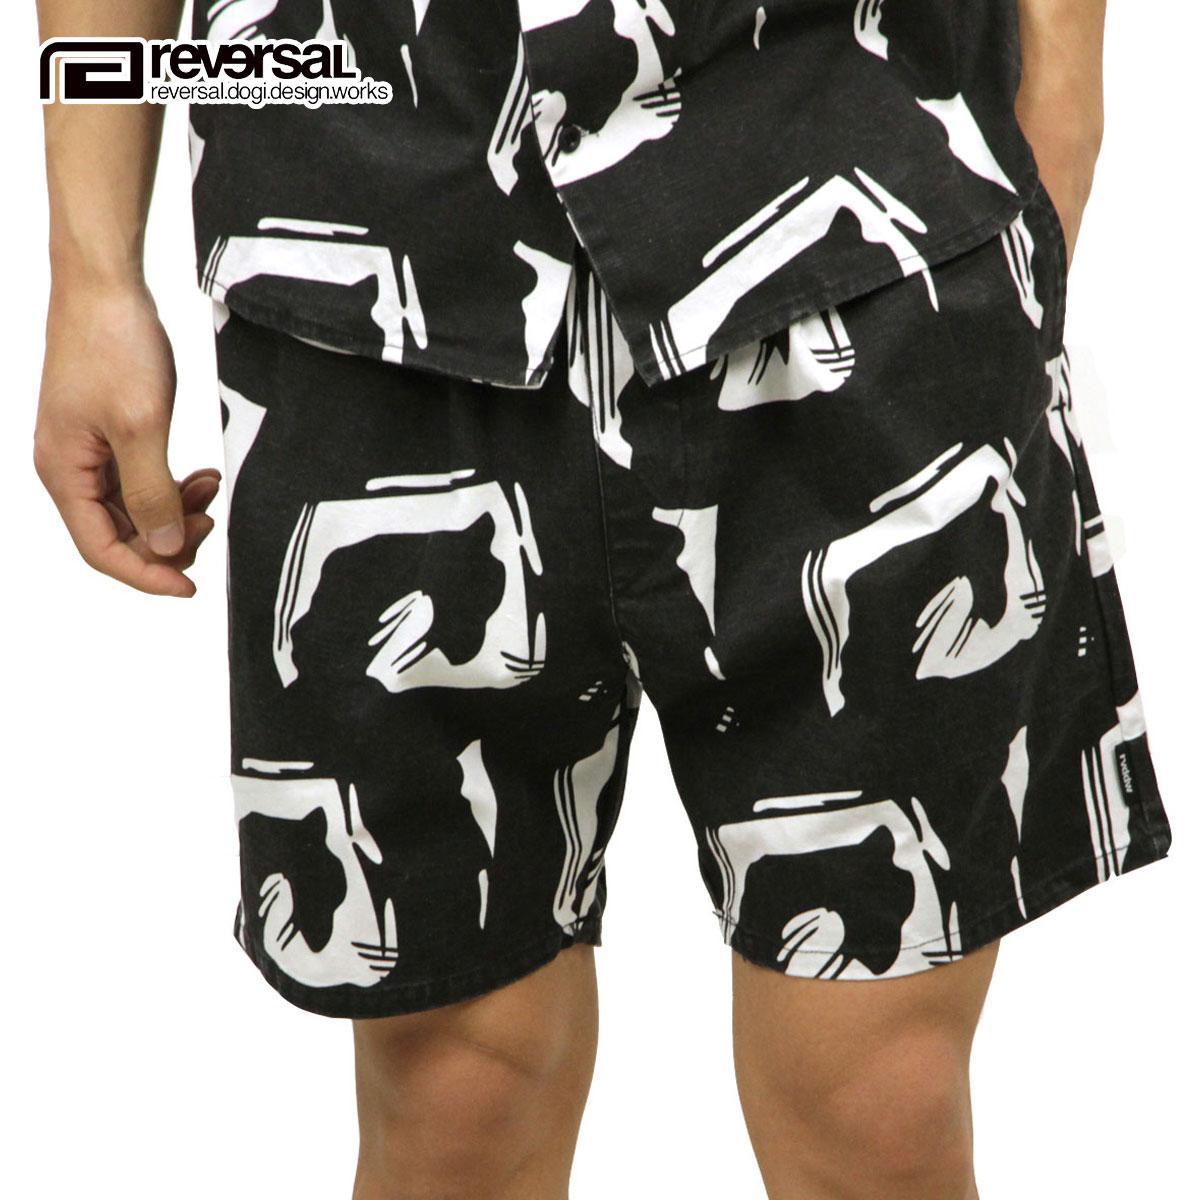 リバーサル REVERSAL 正規販売店 メンズ ロゴ柄 ショートパンツ EDO BIG MARK SHORTS rv18ss034 BLACK